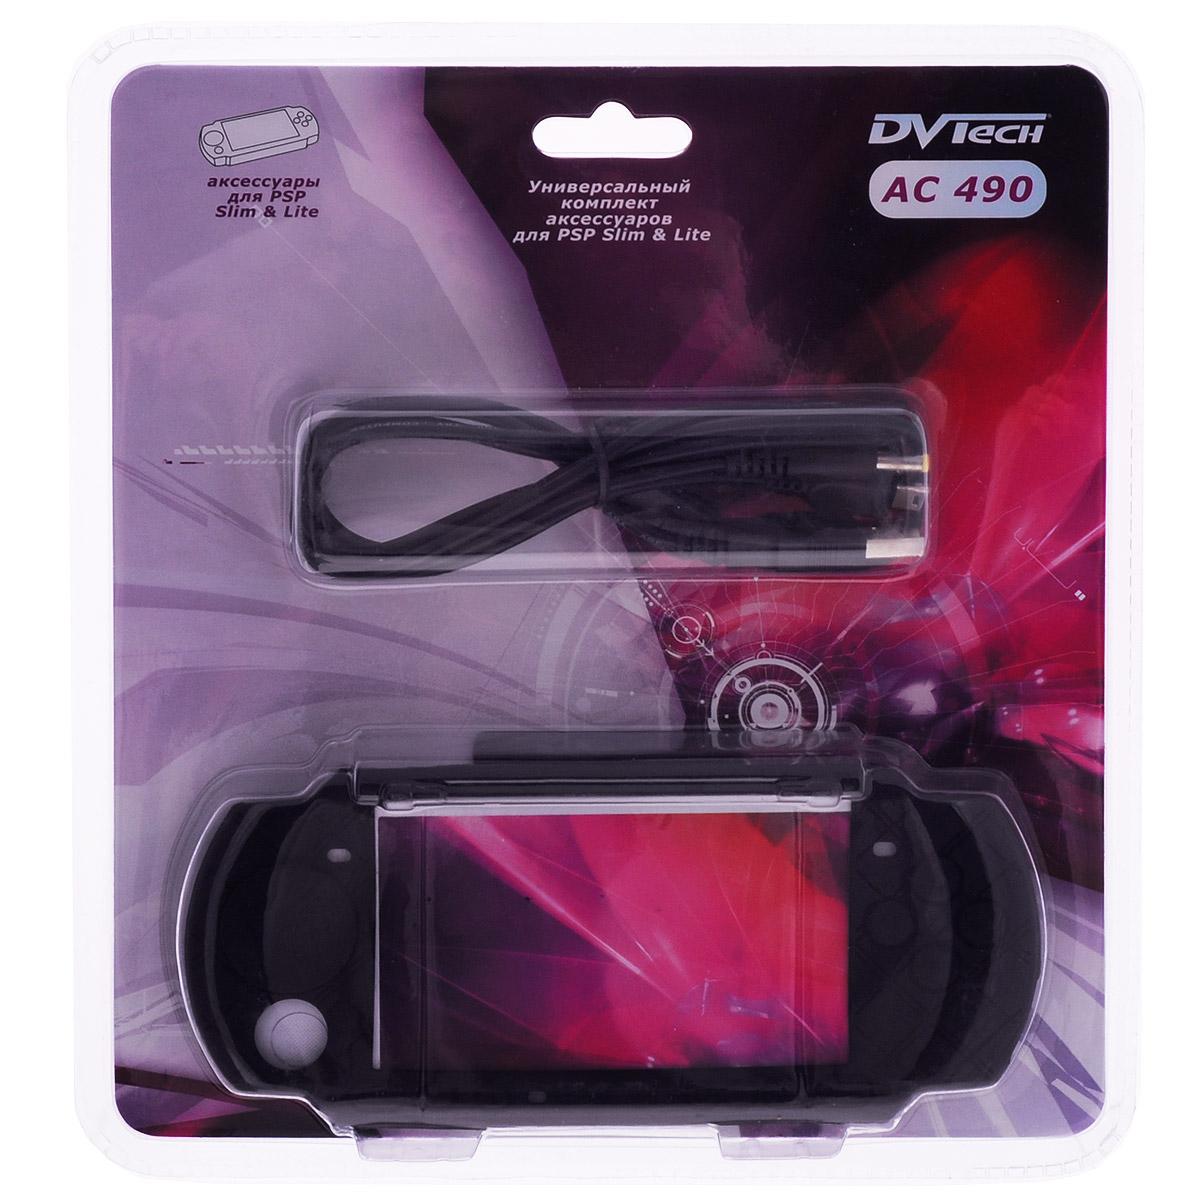 Универсальный комплект аксессуаров для платформы Sony PSP Slim & Lite (черный)AC 490Универсальный комплект аксессуаров предназначен для использования с портативной игровой системой PSP Slim & Lite.Особенности продукта:USB-кабель 2 в 1 предназначен для подзарядки PSP Slim & Lite от USB-порта PC или PS3 и обмена данными между устройствами. Силиконовый чехол служит для защиты PSP Slim & Lite от внешних повреждений и загрязнений. Чехол обеспечивает свободный доступ к элементам управления и слоту для UMD-дисков. Защитная пленка эффективно предохраняет экран PSP от царапин, загрязнений, отпечатков пальцев и пыли.